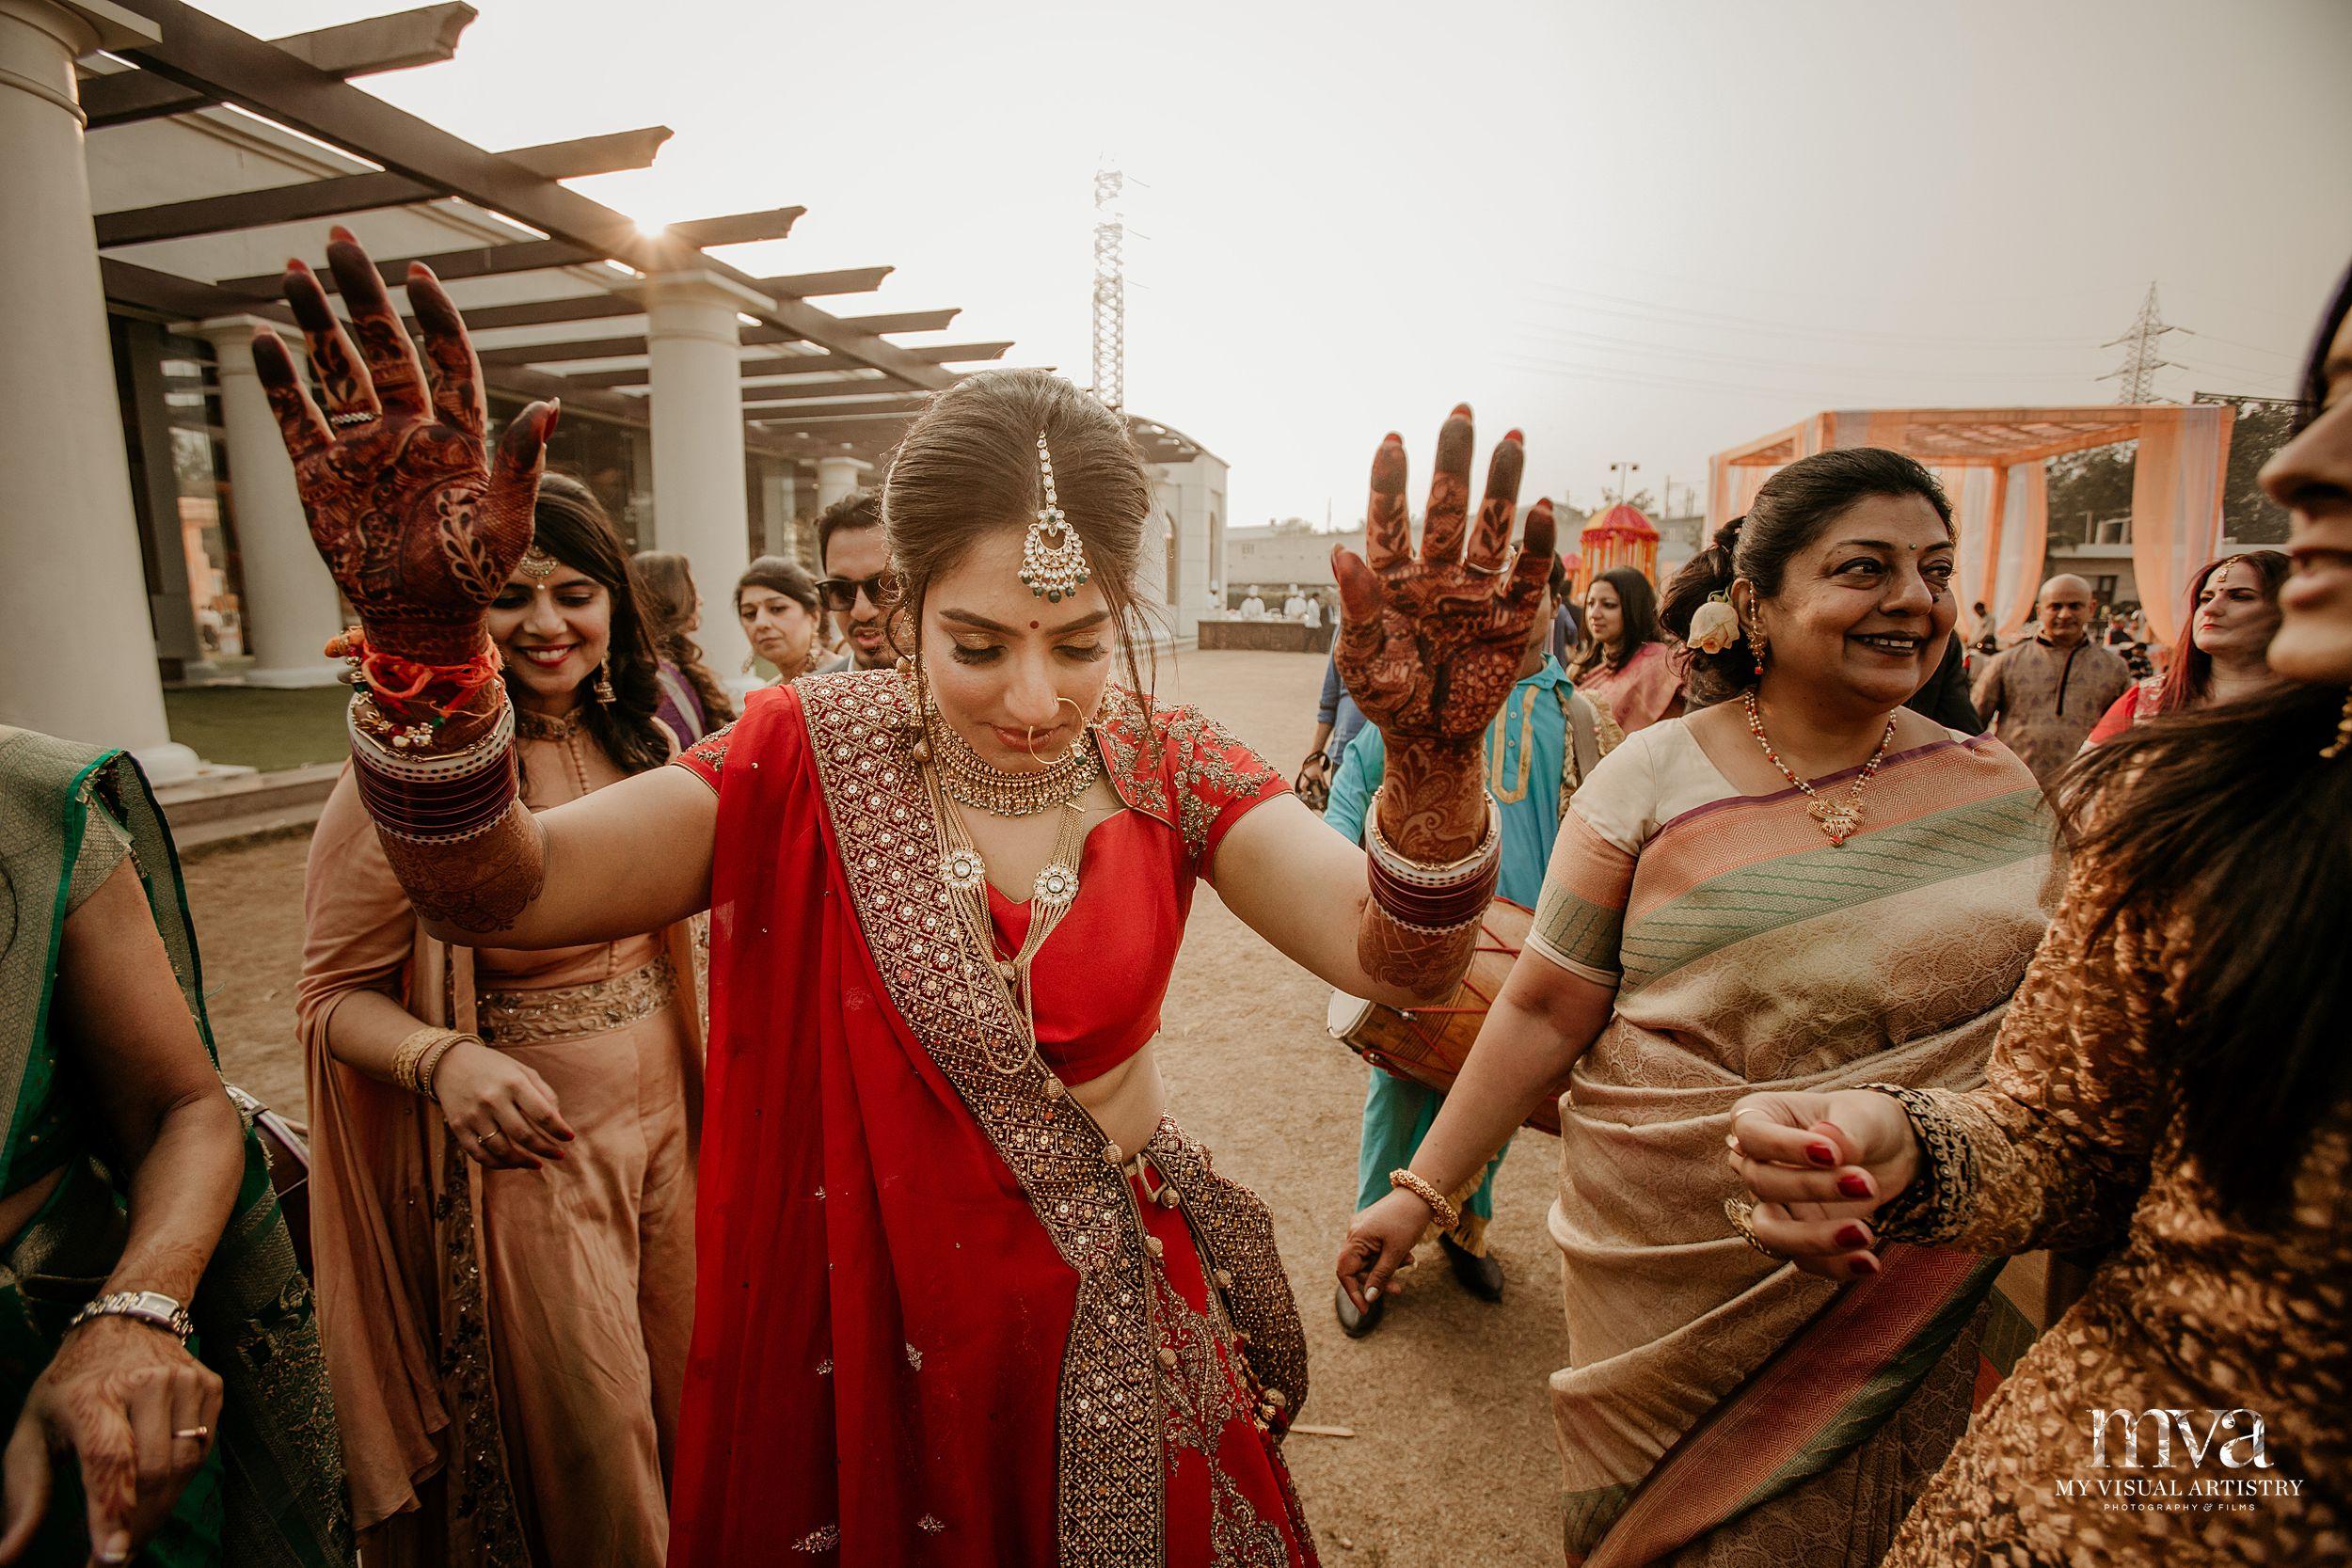 anant_arundhati_myvisualartistry_mva_wedding_sikh_ - 353.jpg